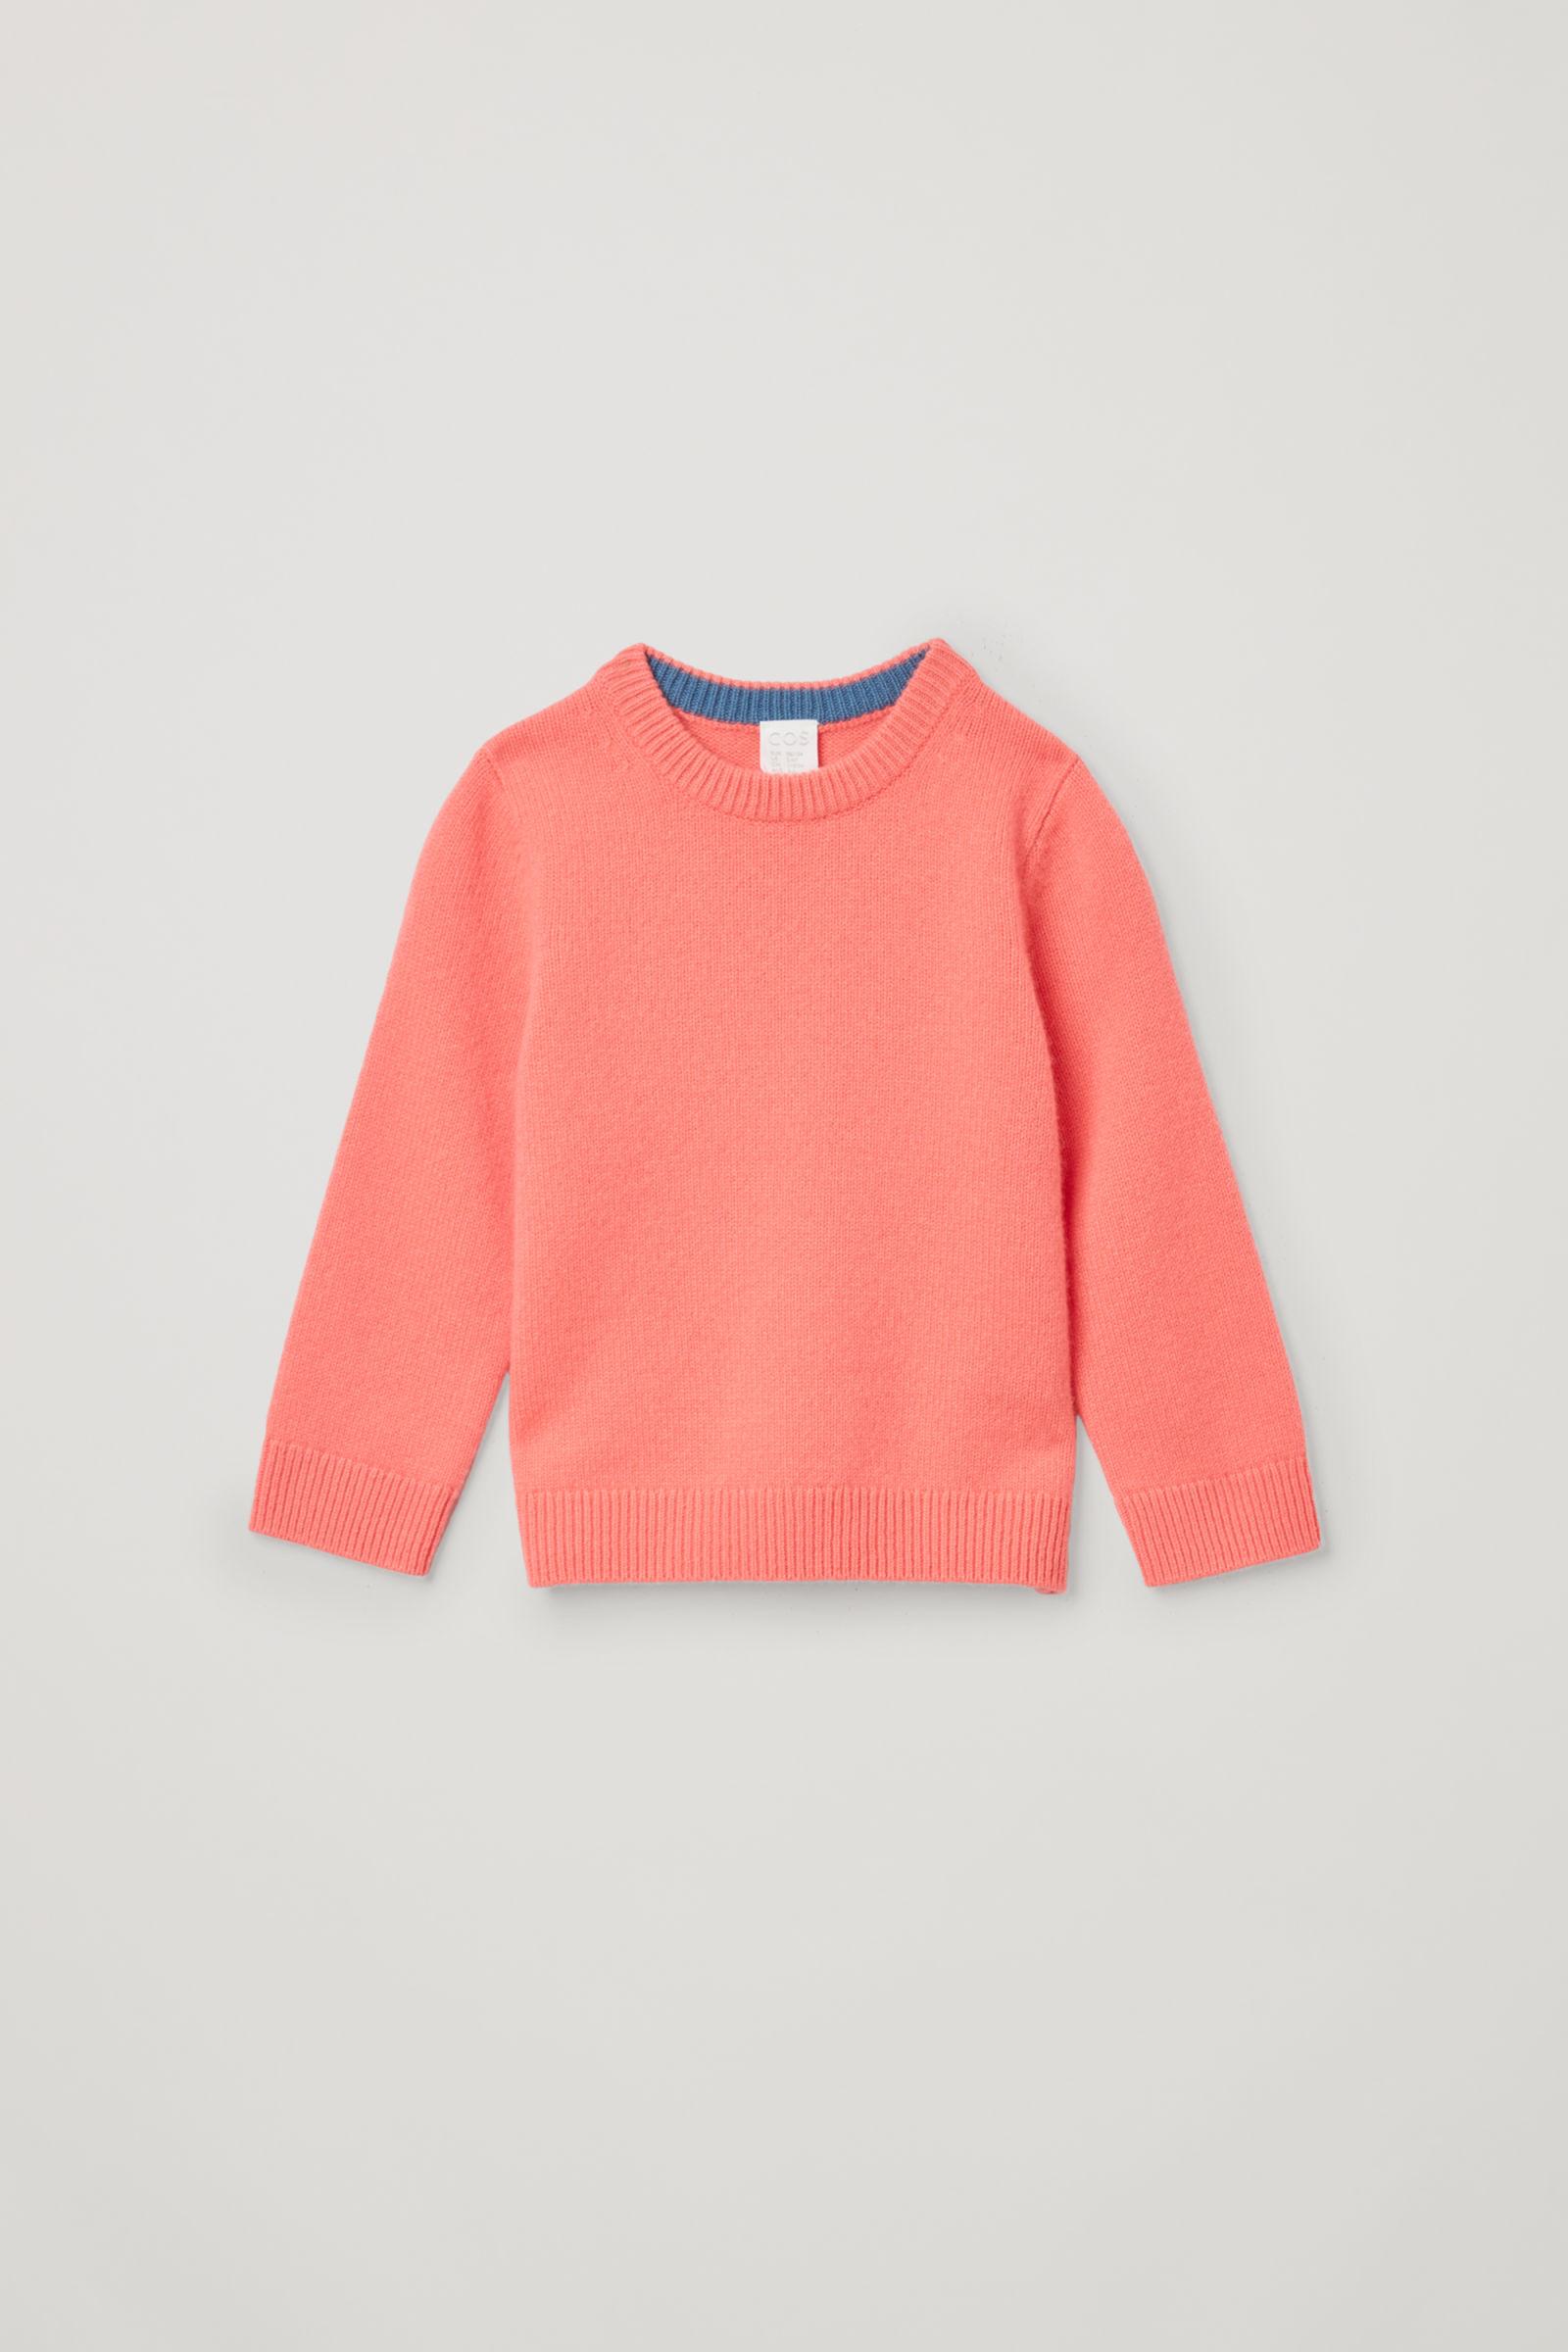 코스 키즈 캐시미어 스웨터 COS CASHMERE CREW NECK JUMPER,Orange